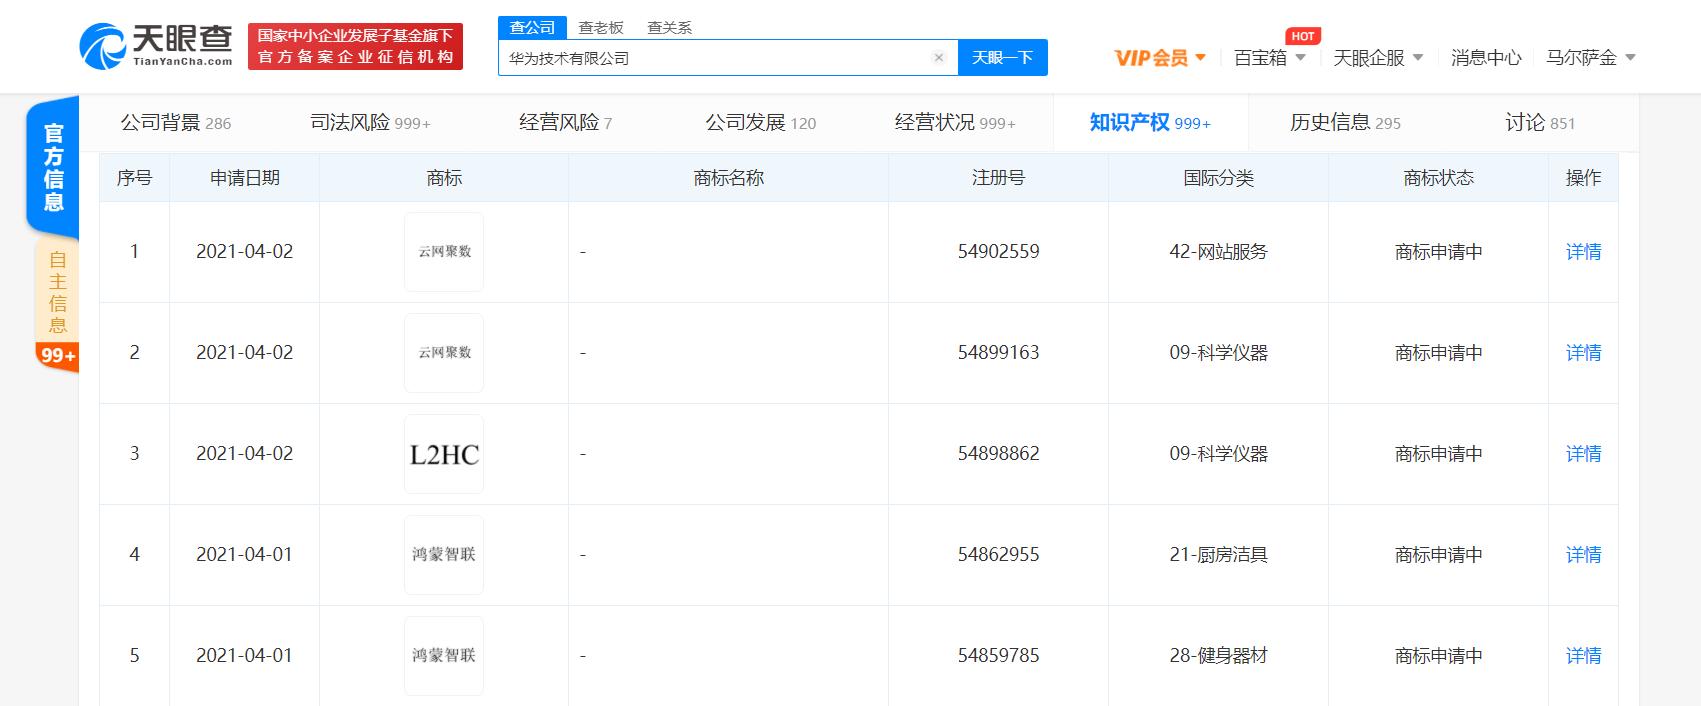 """华为技术有限公司申请注册""""云网聚数""""""""鸿蒙智联""""相关商标"""